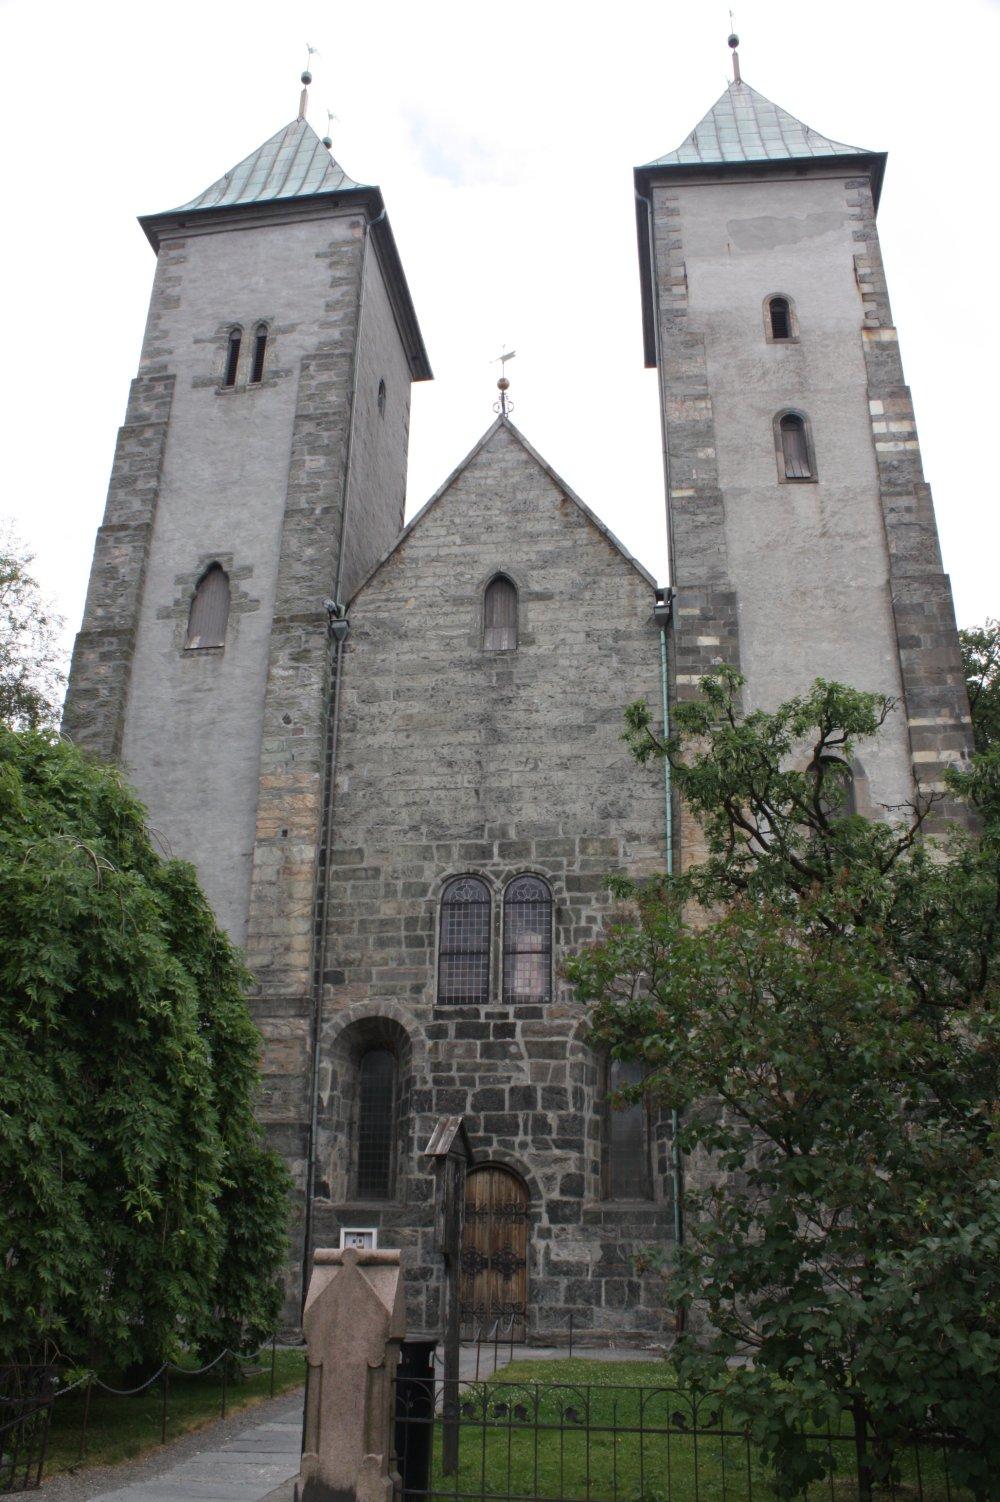 Романская церковь Святой Марии в Бергене построена из нескольких разновидностей мыльного камня